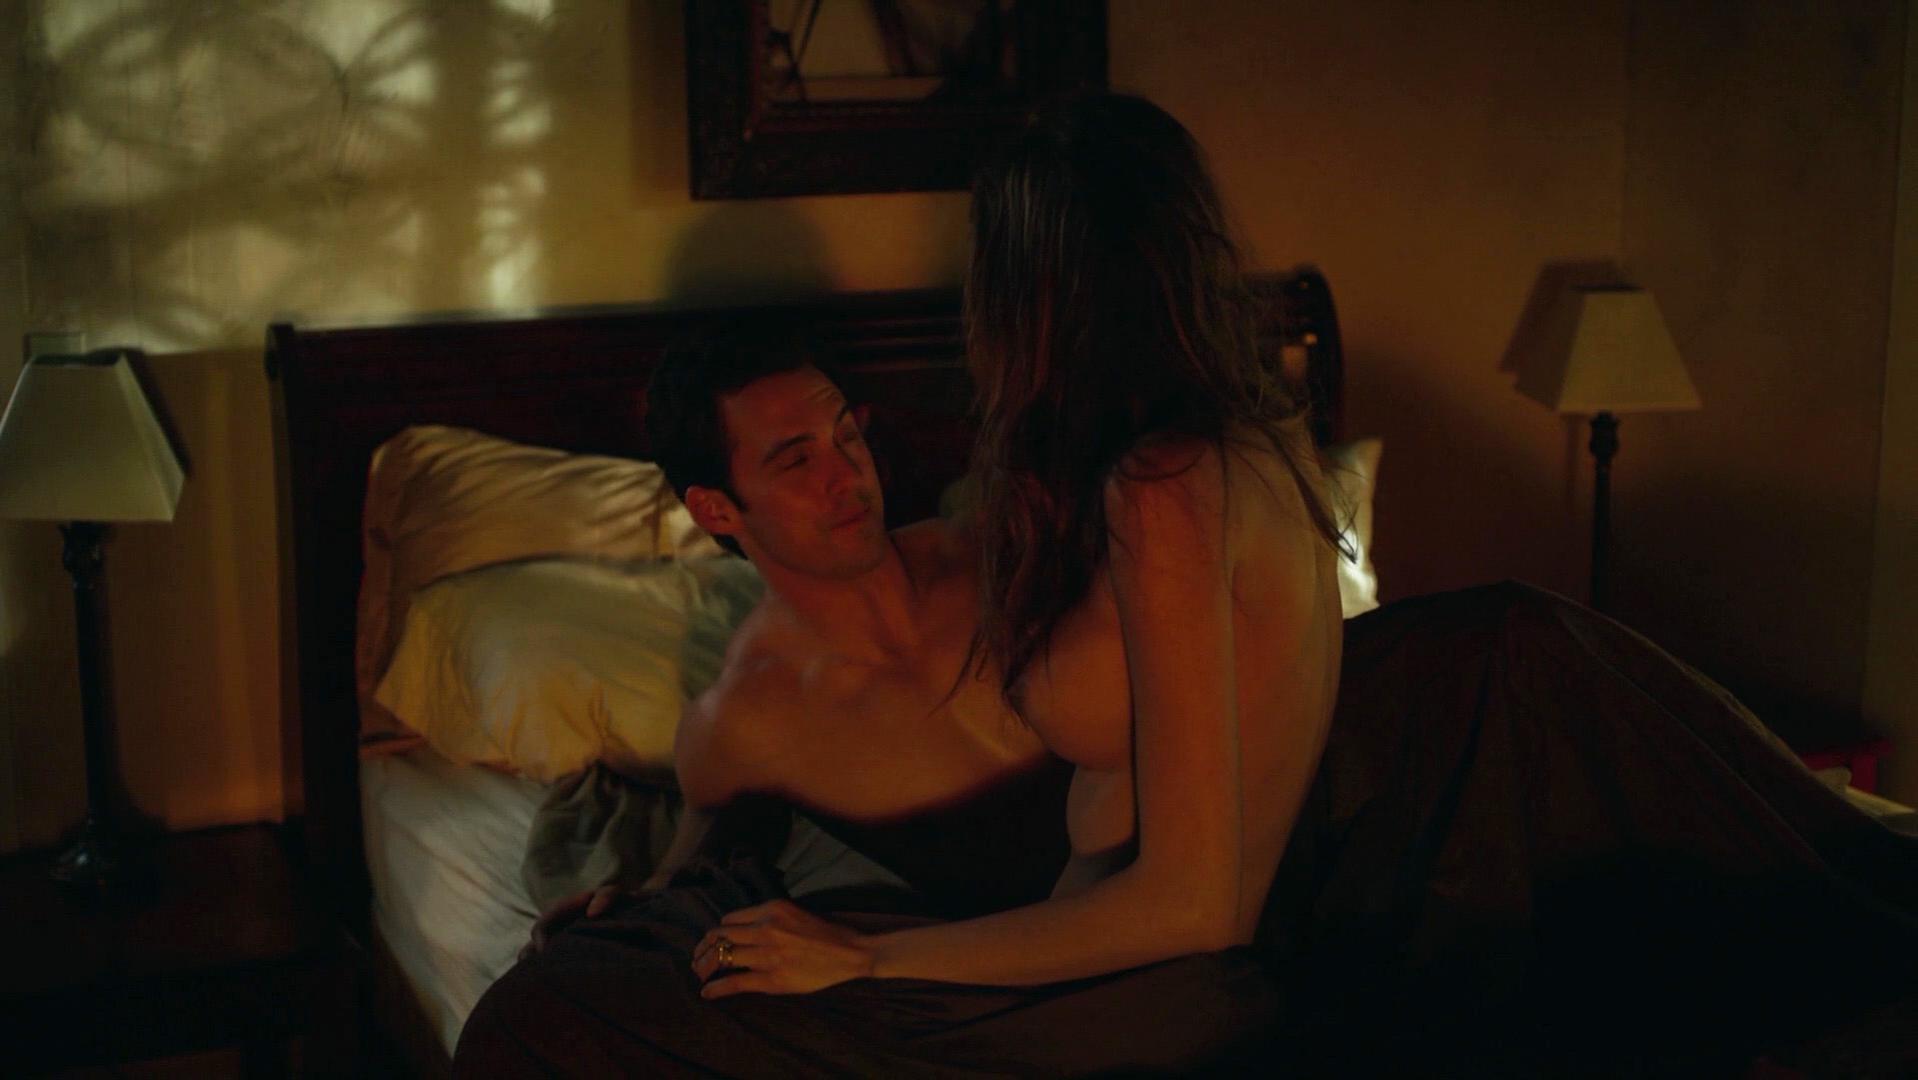 Rebecca Da Costa nude, Brianne Davis nude - Breaking at the Edge (2013)